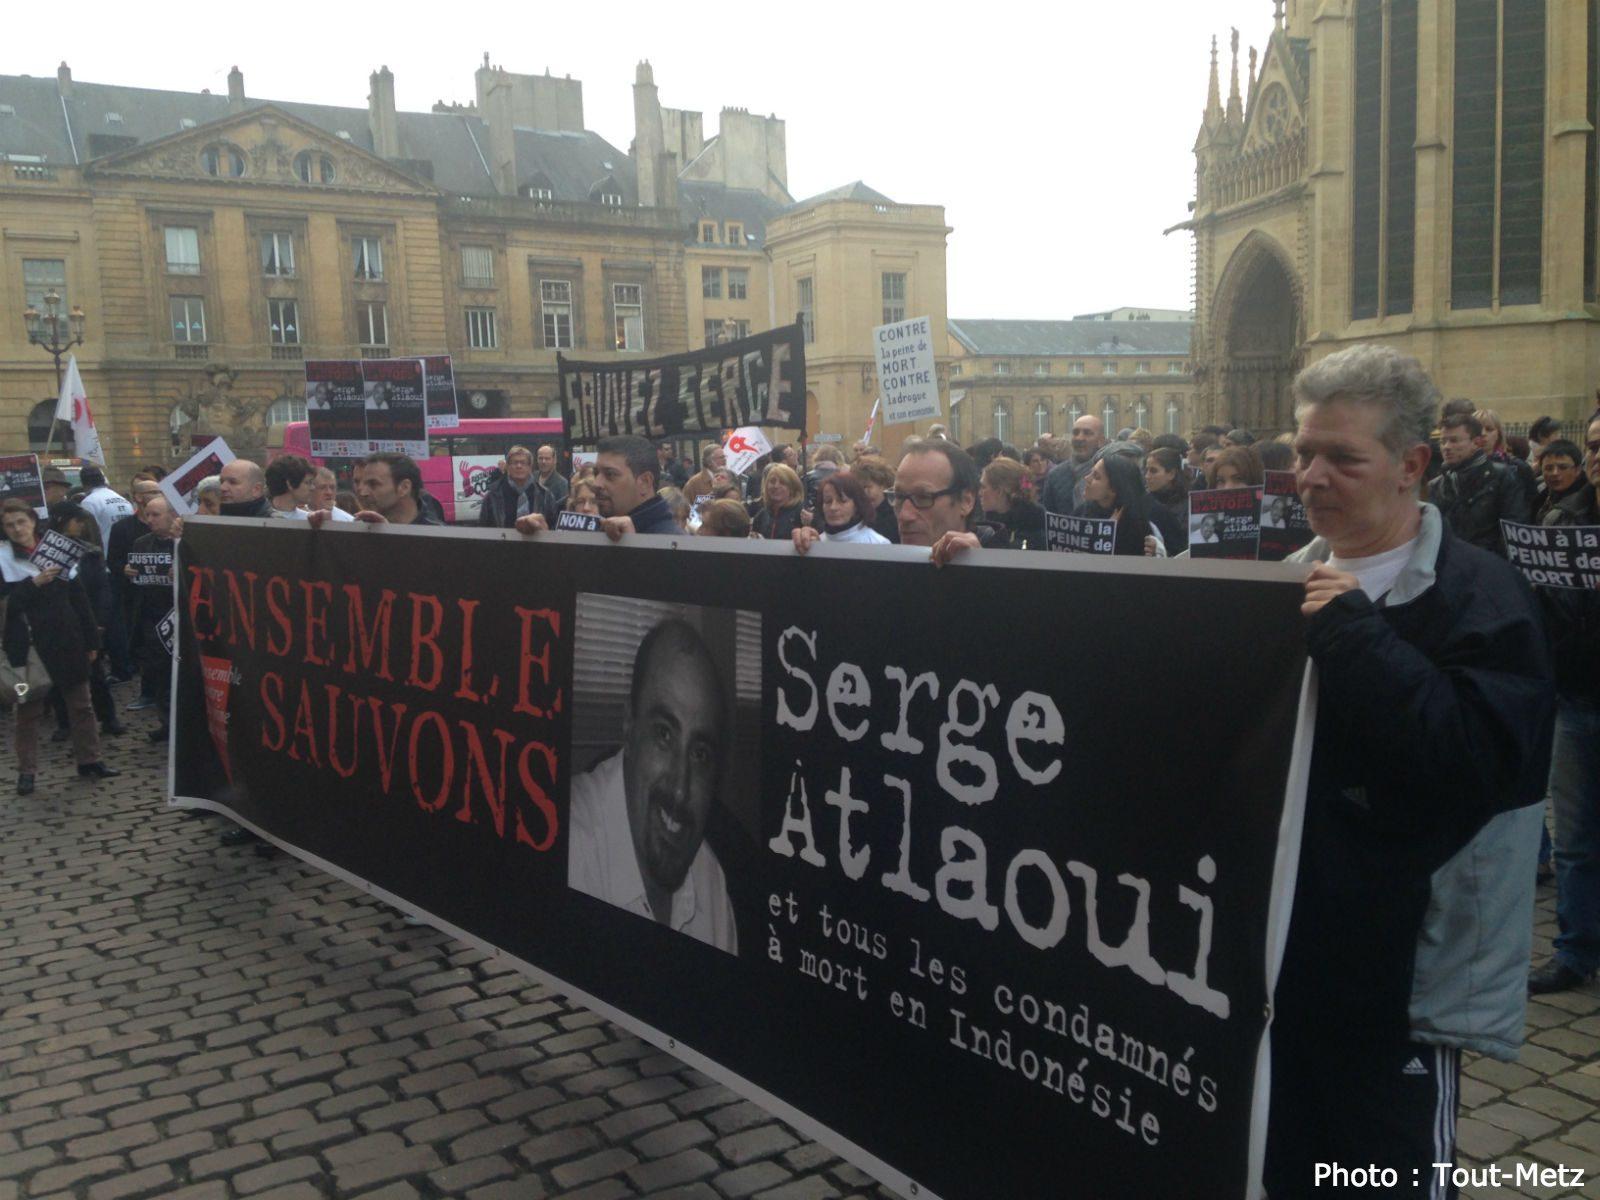 Le dernier recours de Serge Atlaoui rejeté en Indonésie